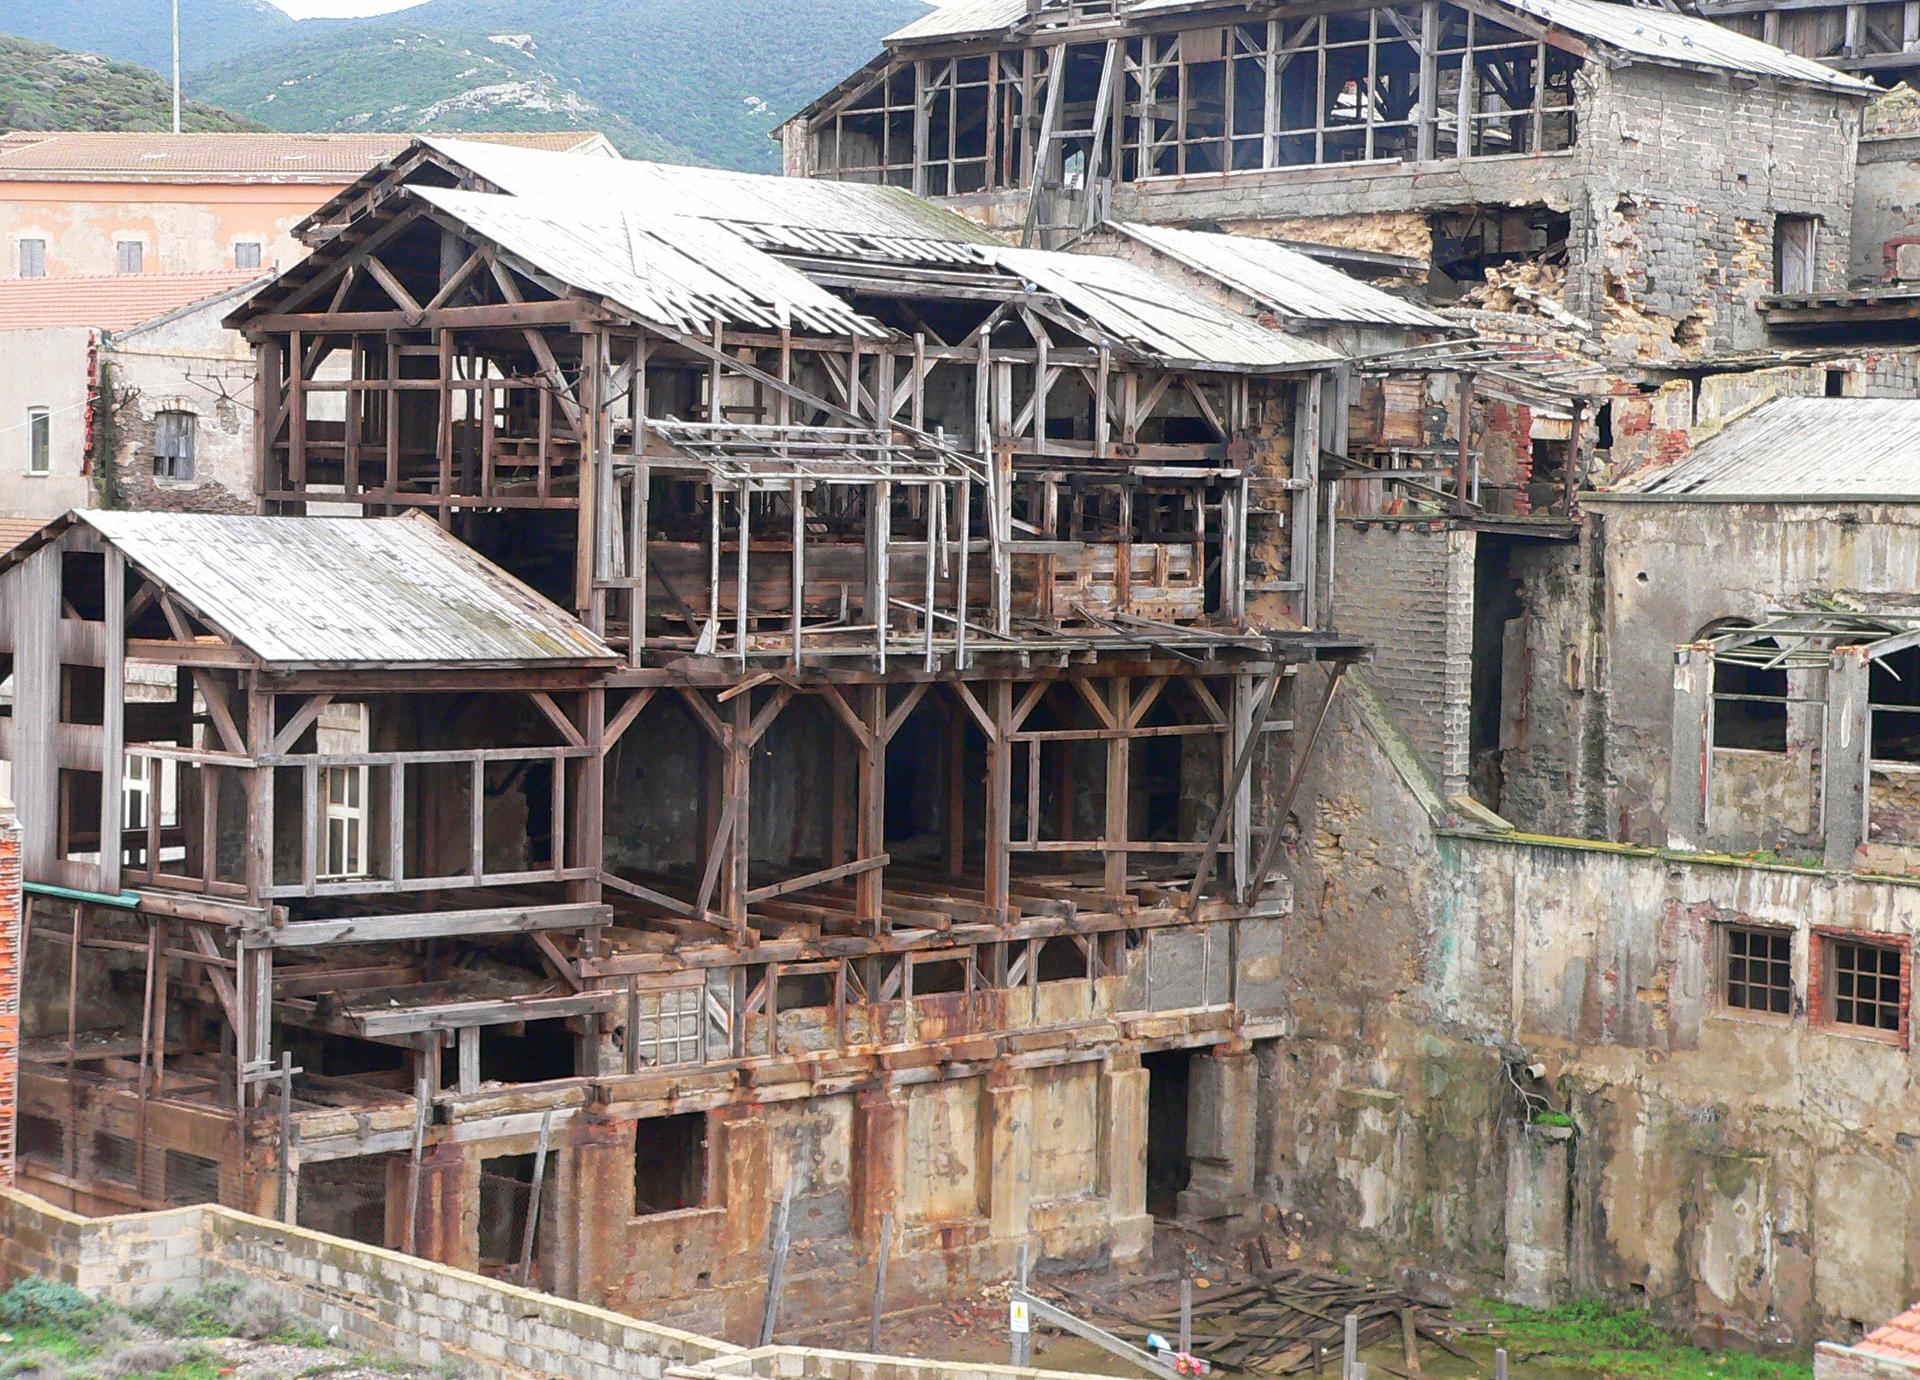 Industria abbandonata località Argentiera Sassari.